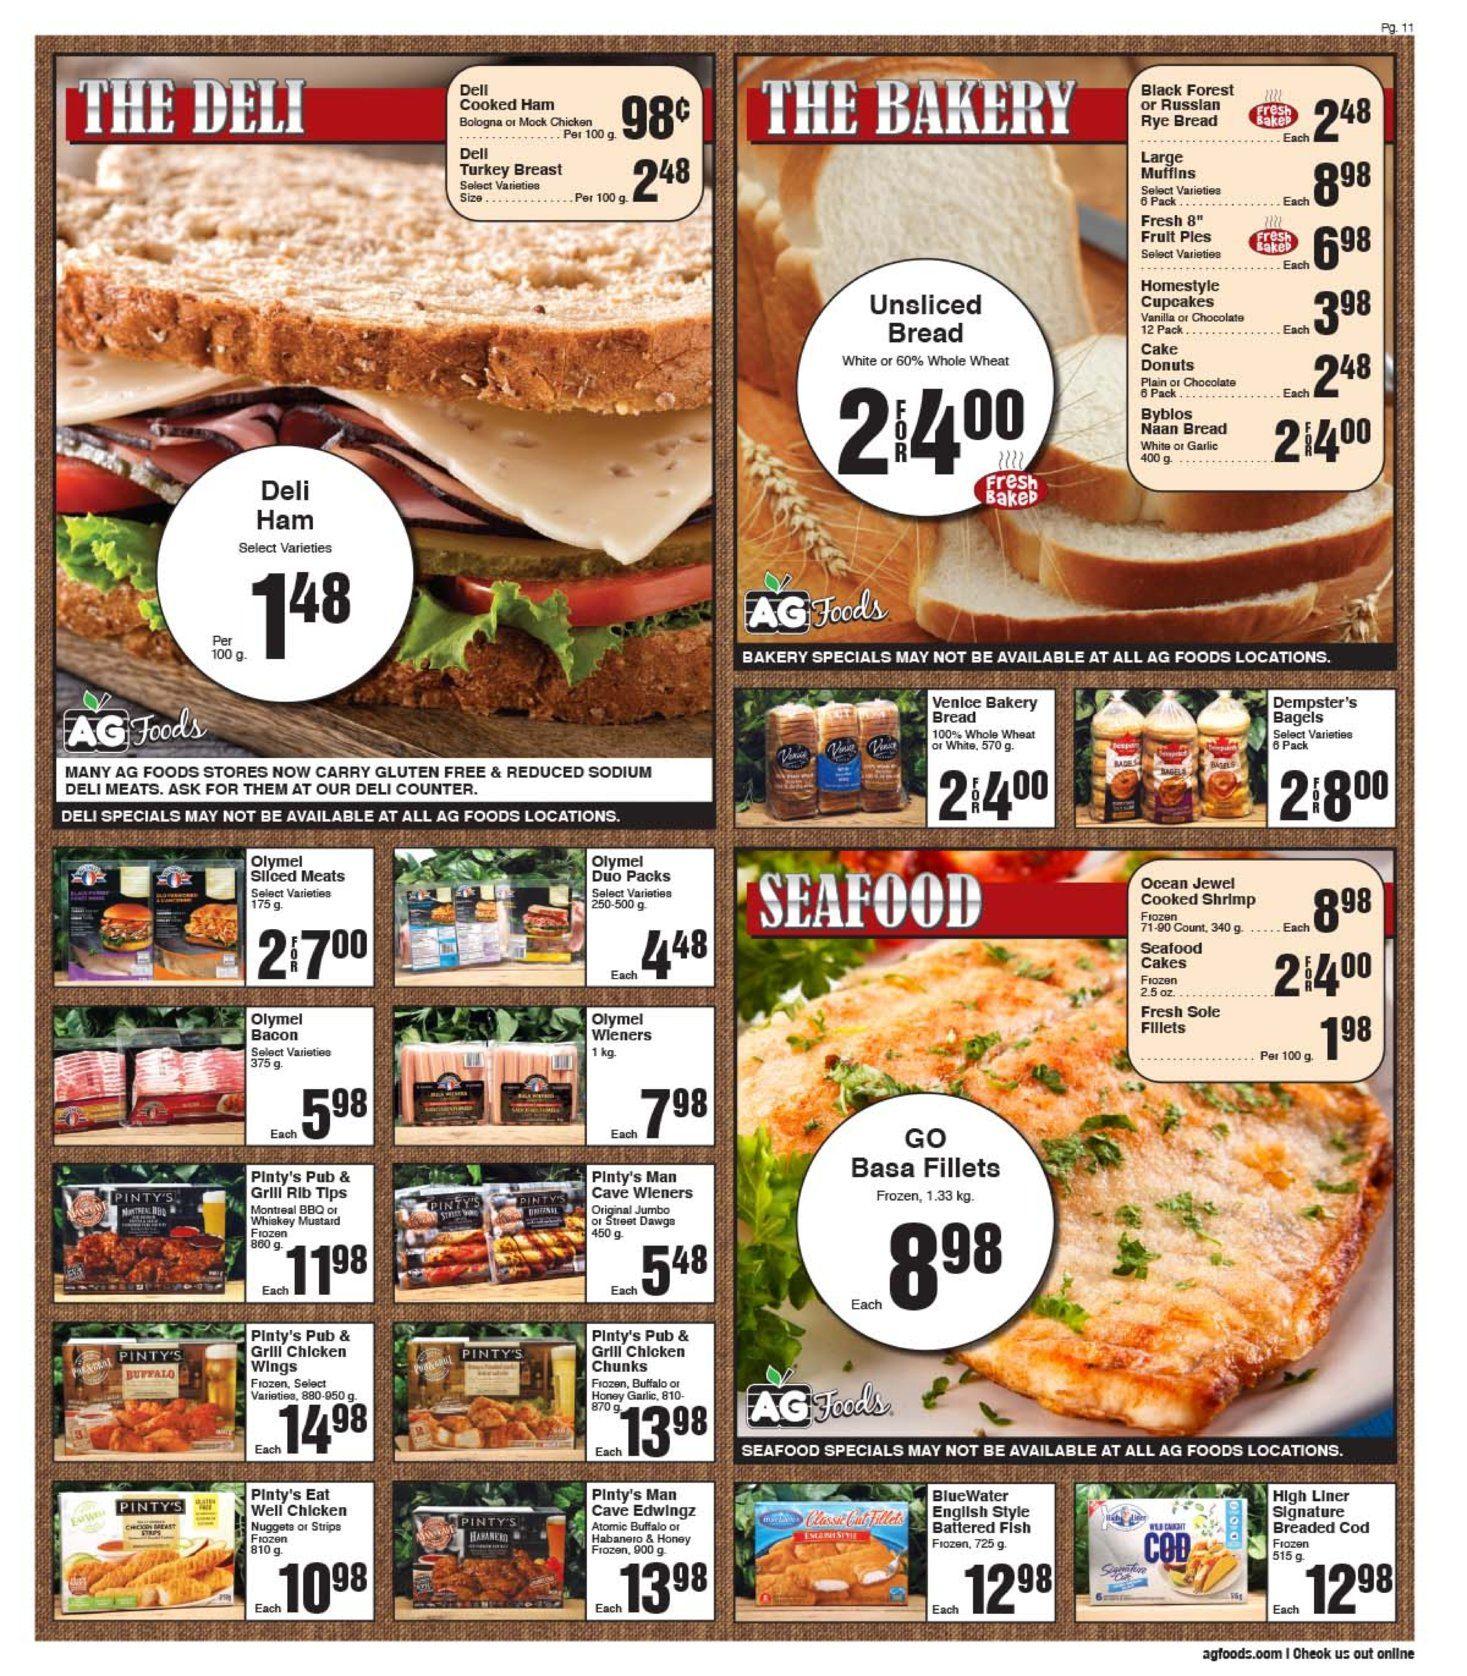 AG Foods - 2 Weeks of Savings - Page 11